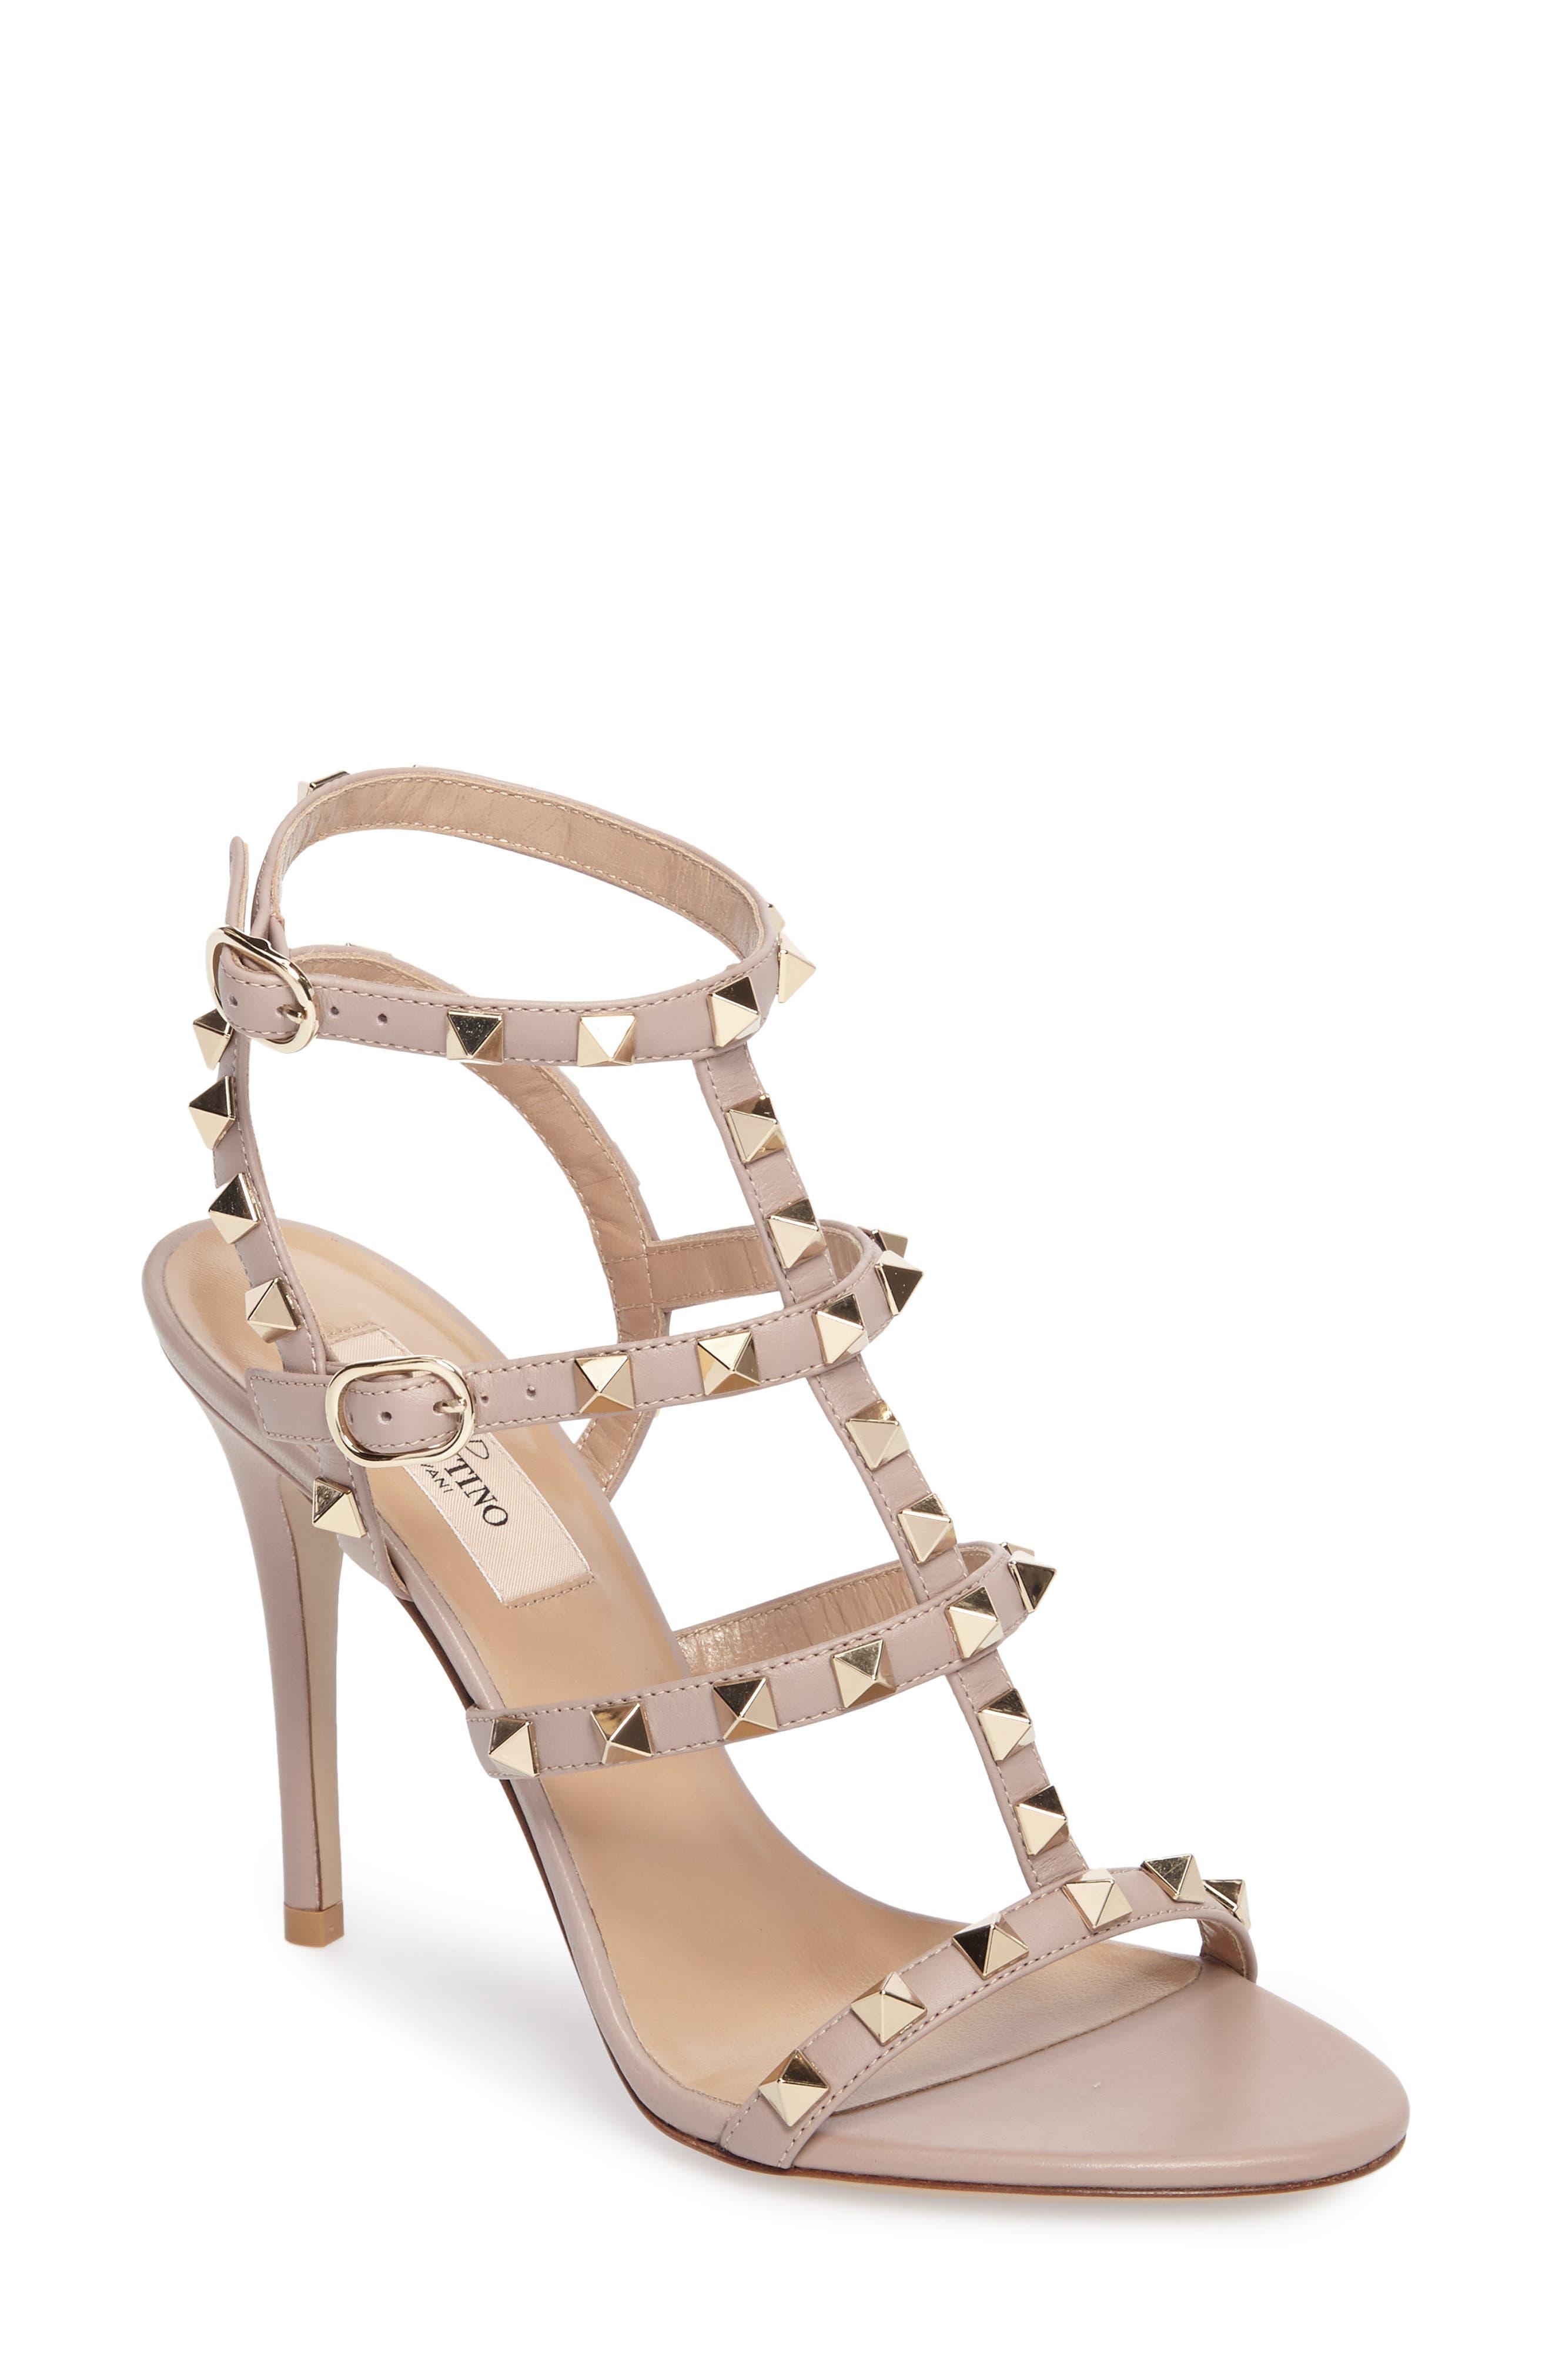 'Rockstud' Ankle Strap Sandal, Main, color, BEIGE